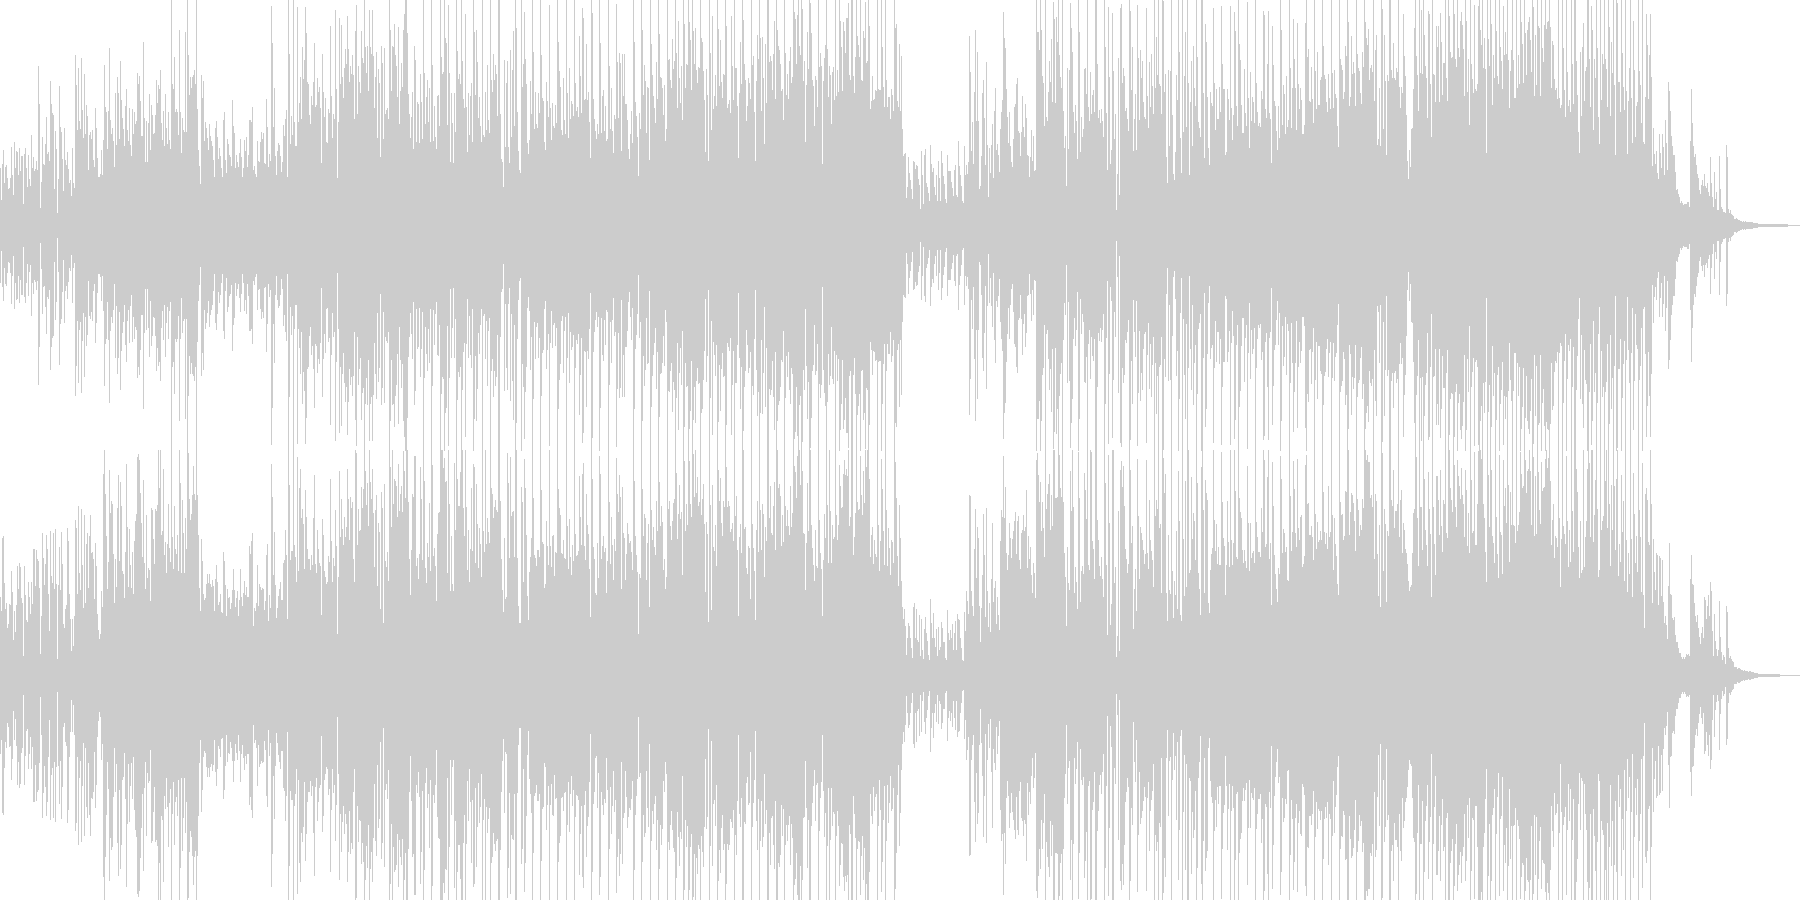 木管とピアノ・軽快で可憐なジャズ Bの未再生の波形